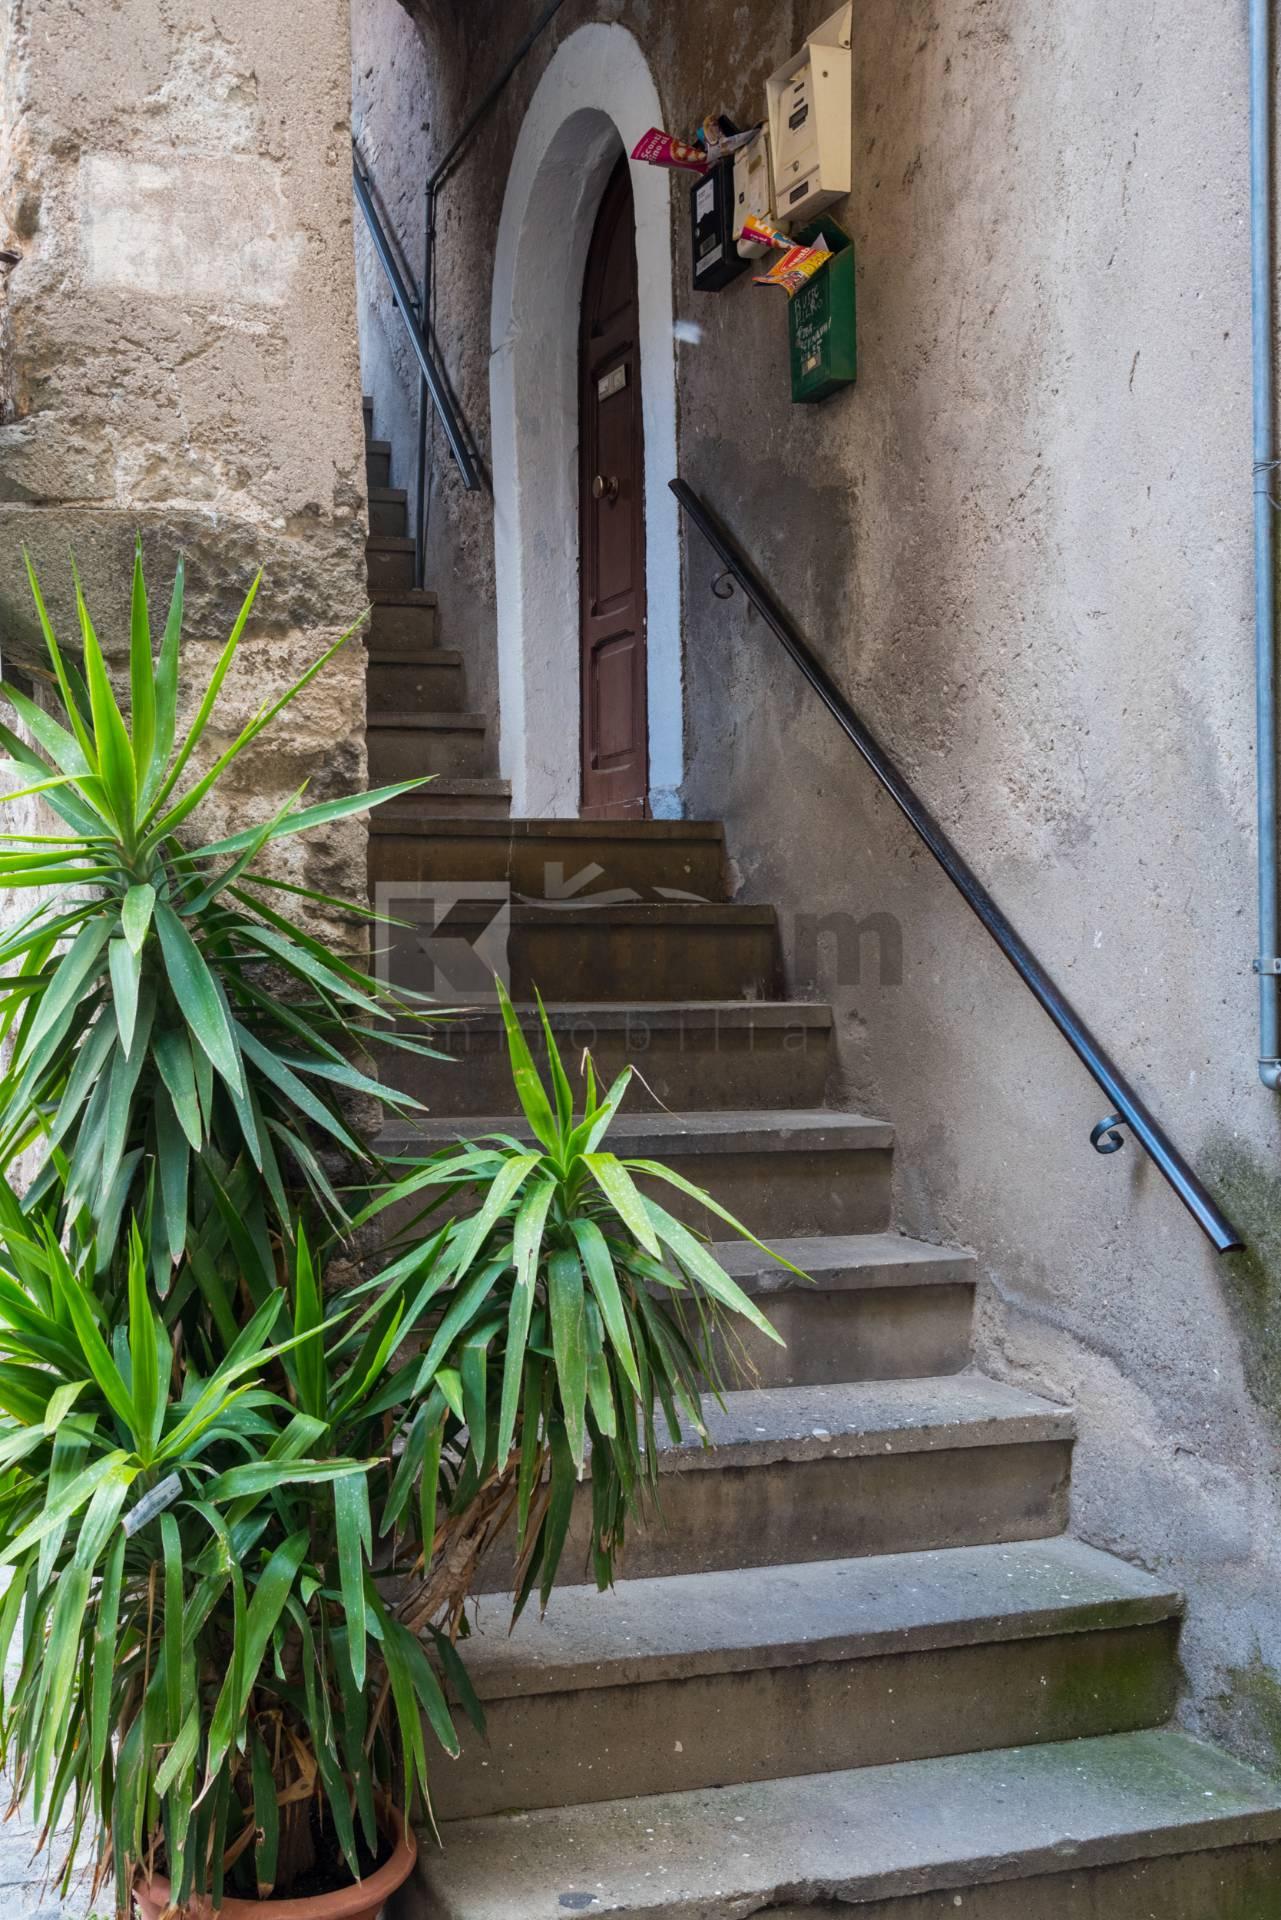 Appartamento in vendita a Marino, 2 locali, zona Località: MarinoCentro, prezzo € 49.000 | CambioCasa.it